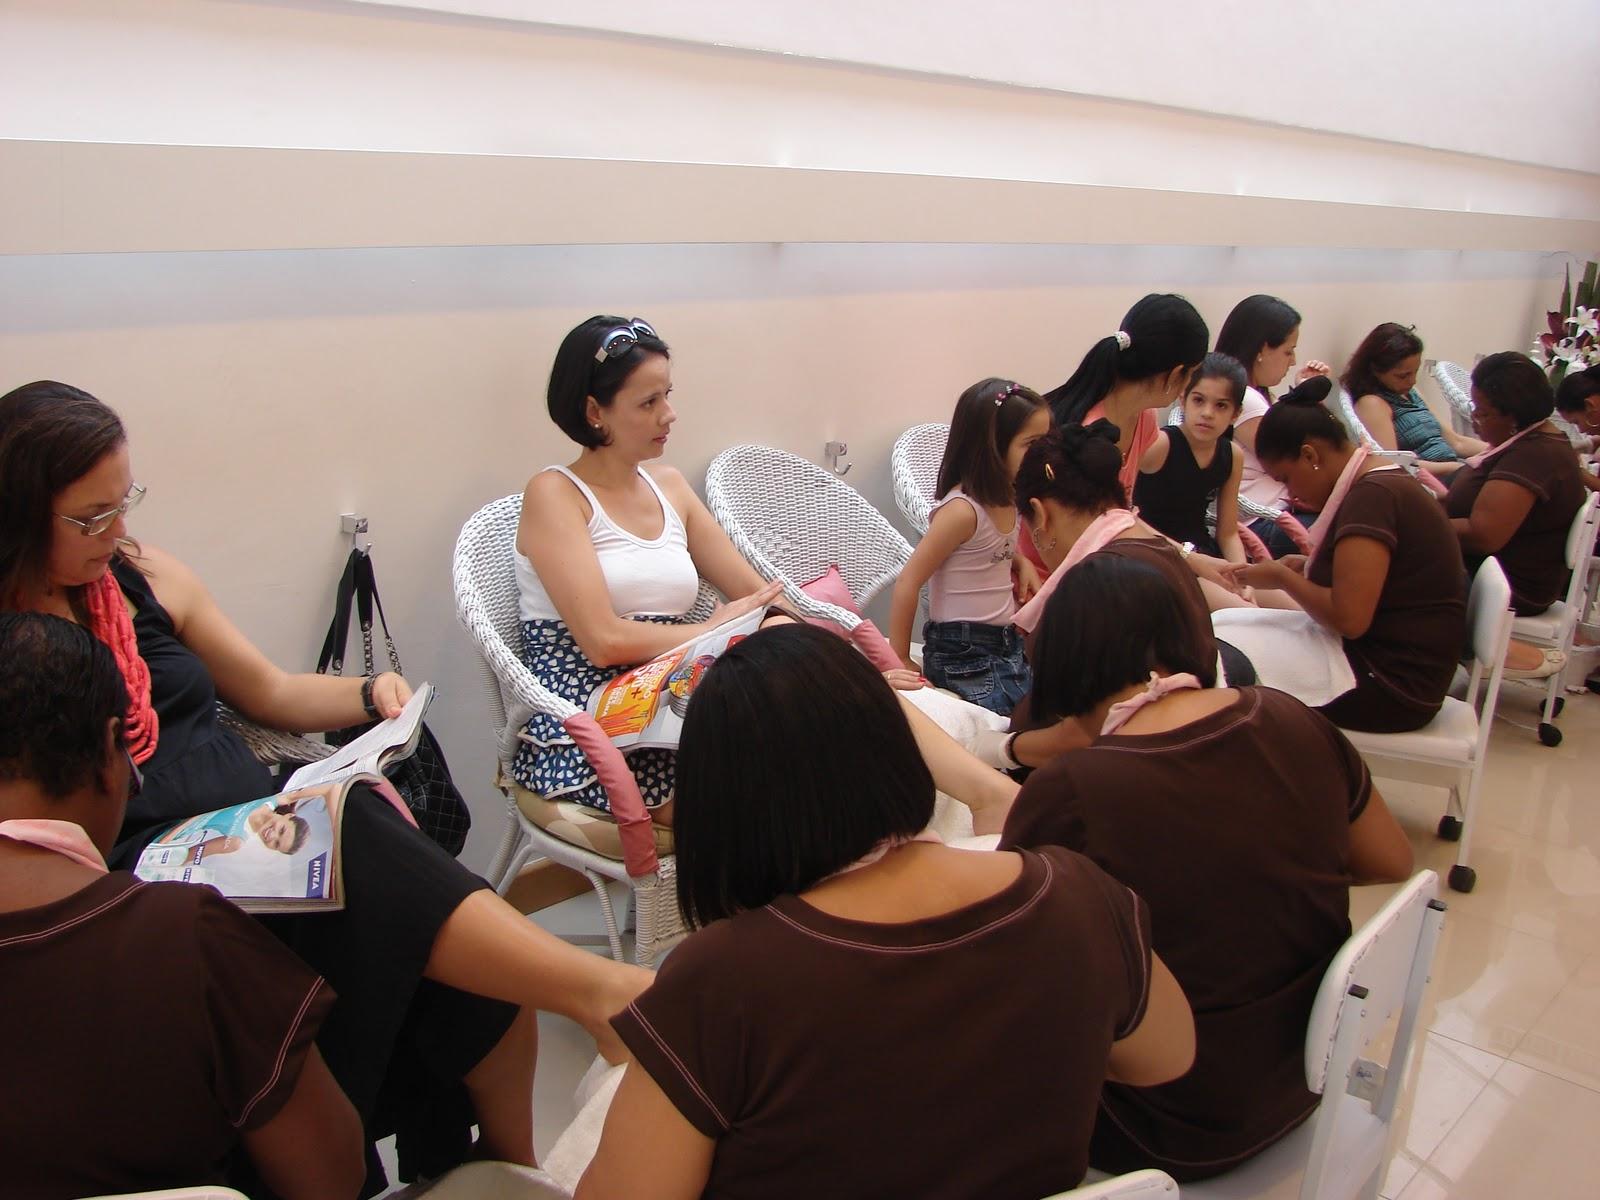 #9D2E2E  clientes. Repare nos detalhes em rosa e marrom dos uniformes um luxo 3200 Janelas De Madeira Em Niteroi